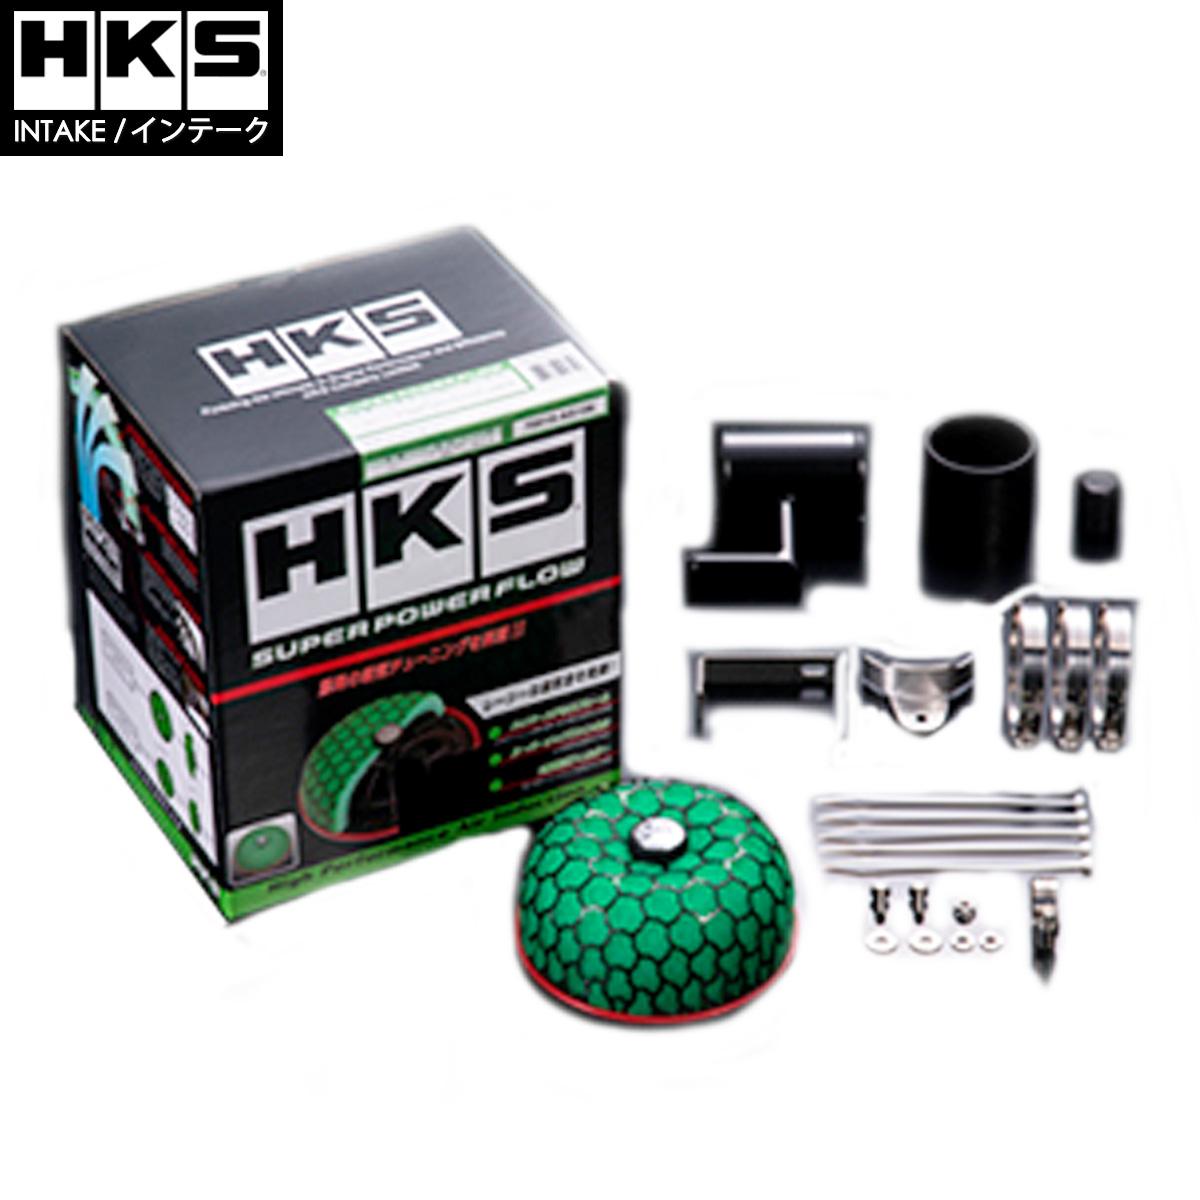 パレットSW スーパーパワーフロー MK21S HKS 70019-AS109 インテークシリーズ 個人宅発送追金有